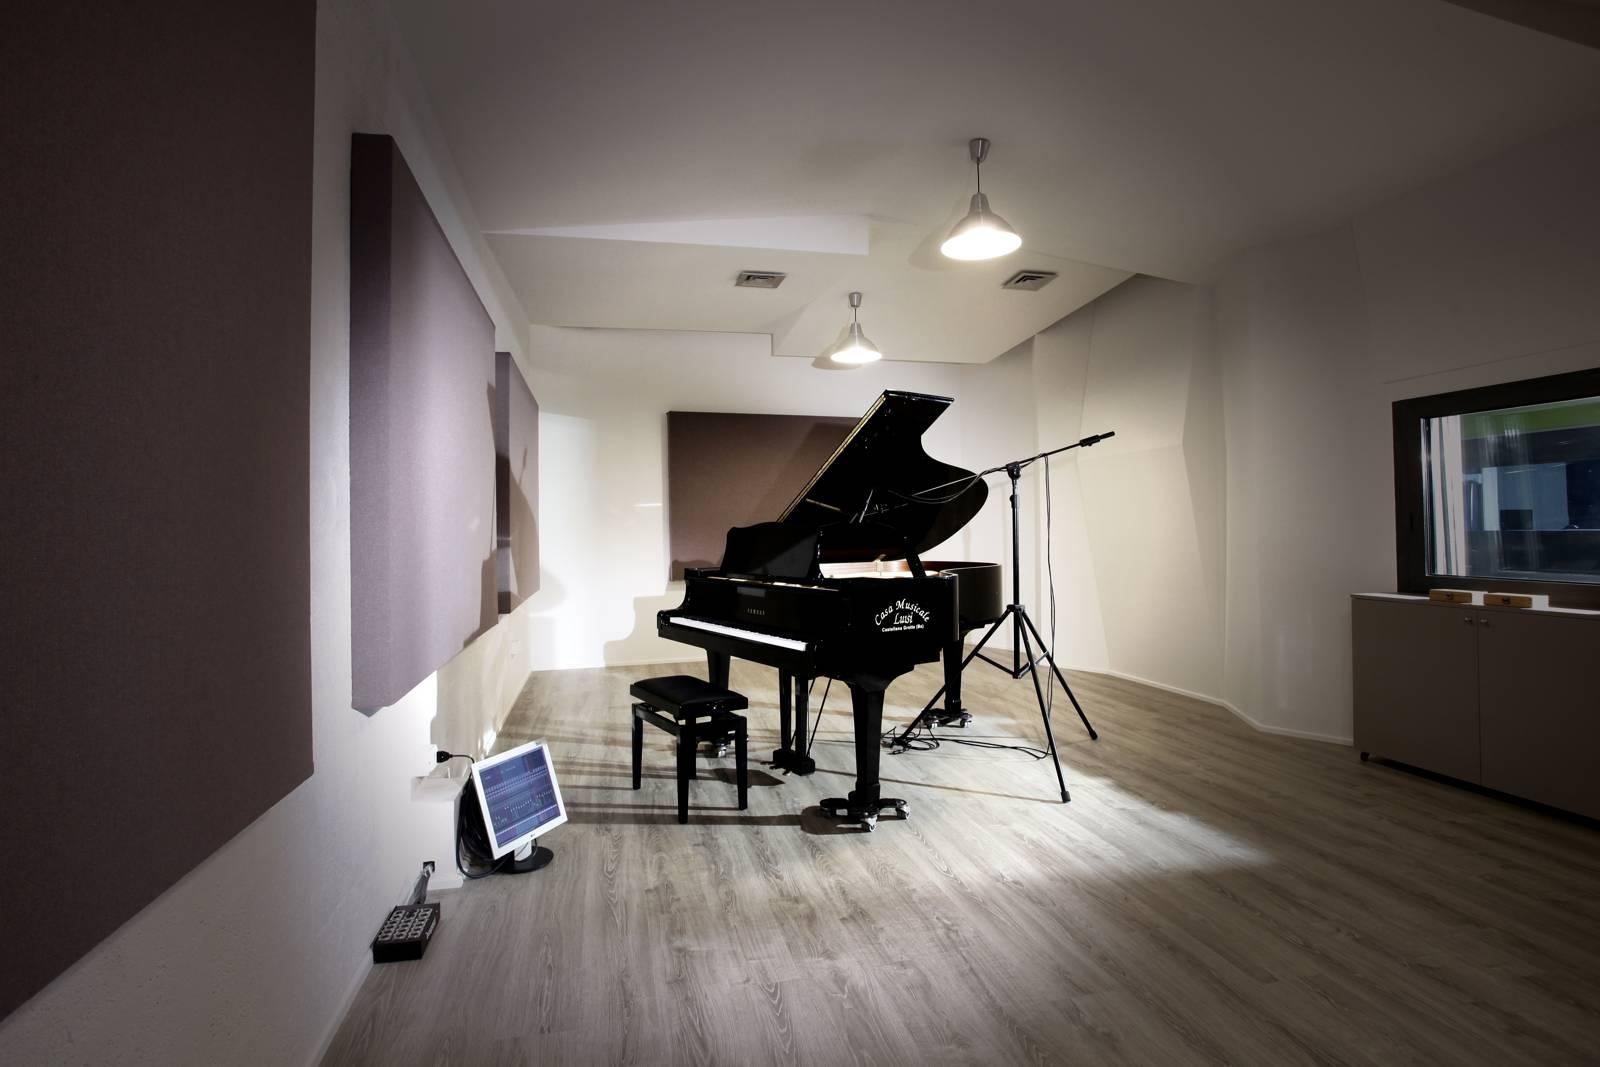 Realizzazione sito web Associazione culturale: Officina Musicale - Maingage, Web Agency Bari